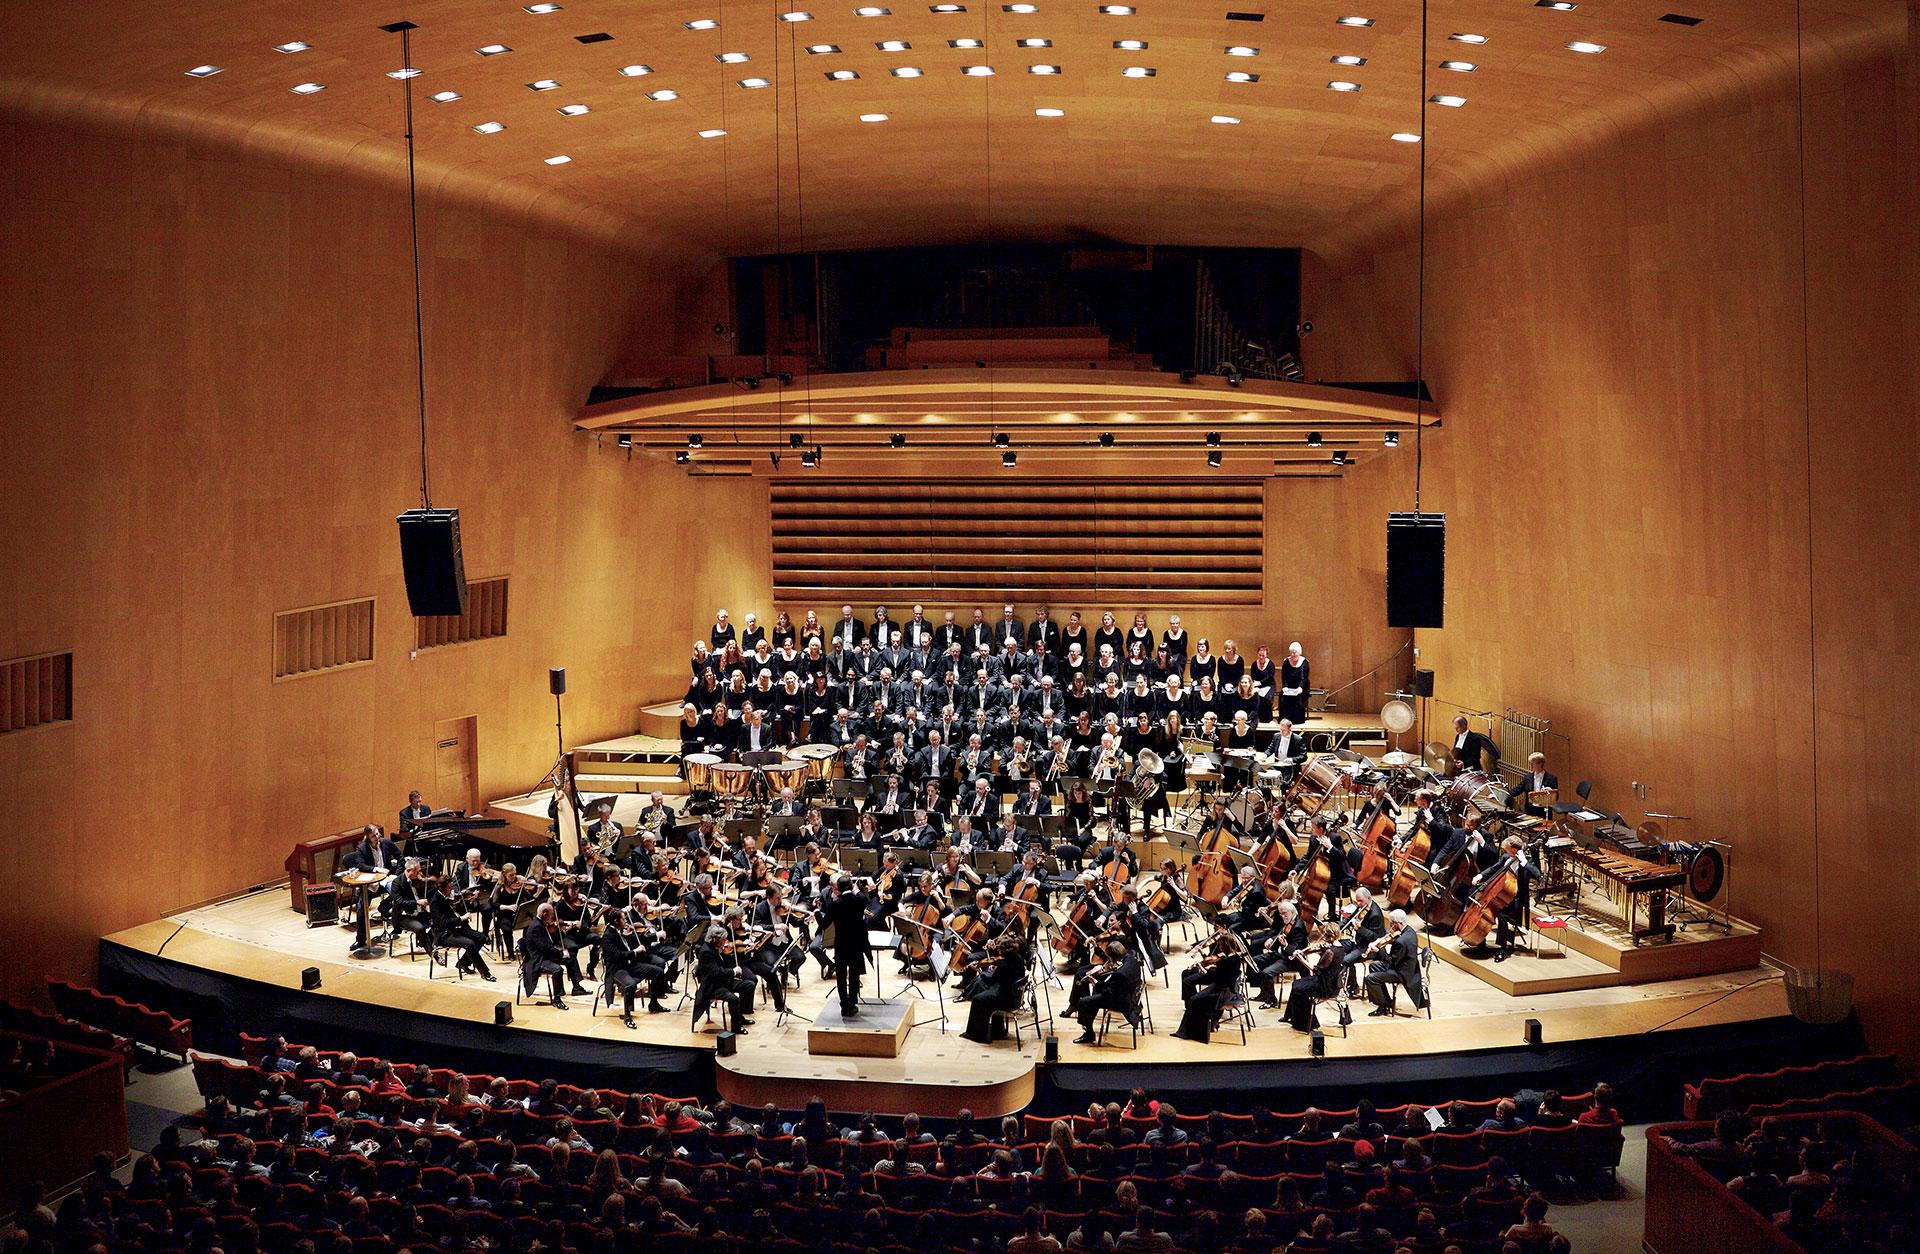 Sibeliusnielsen festival i pa konserthuset